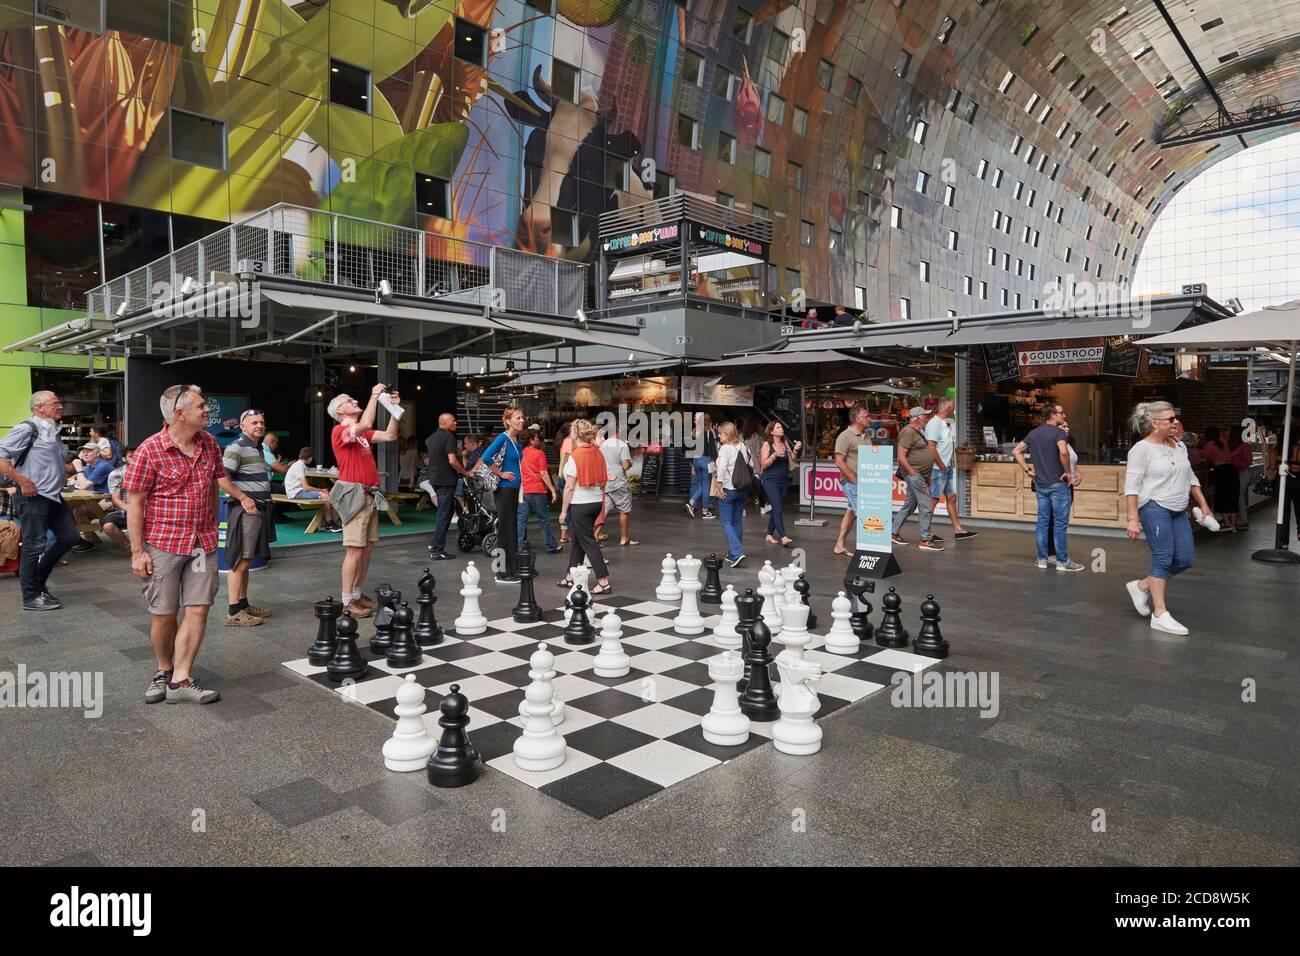 Pays-Bas, Hollande du Sud, Rotterdam, jeu d'échecs géant sur le marché couvert (Markthal) Banque D'Images